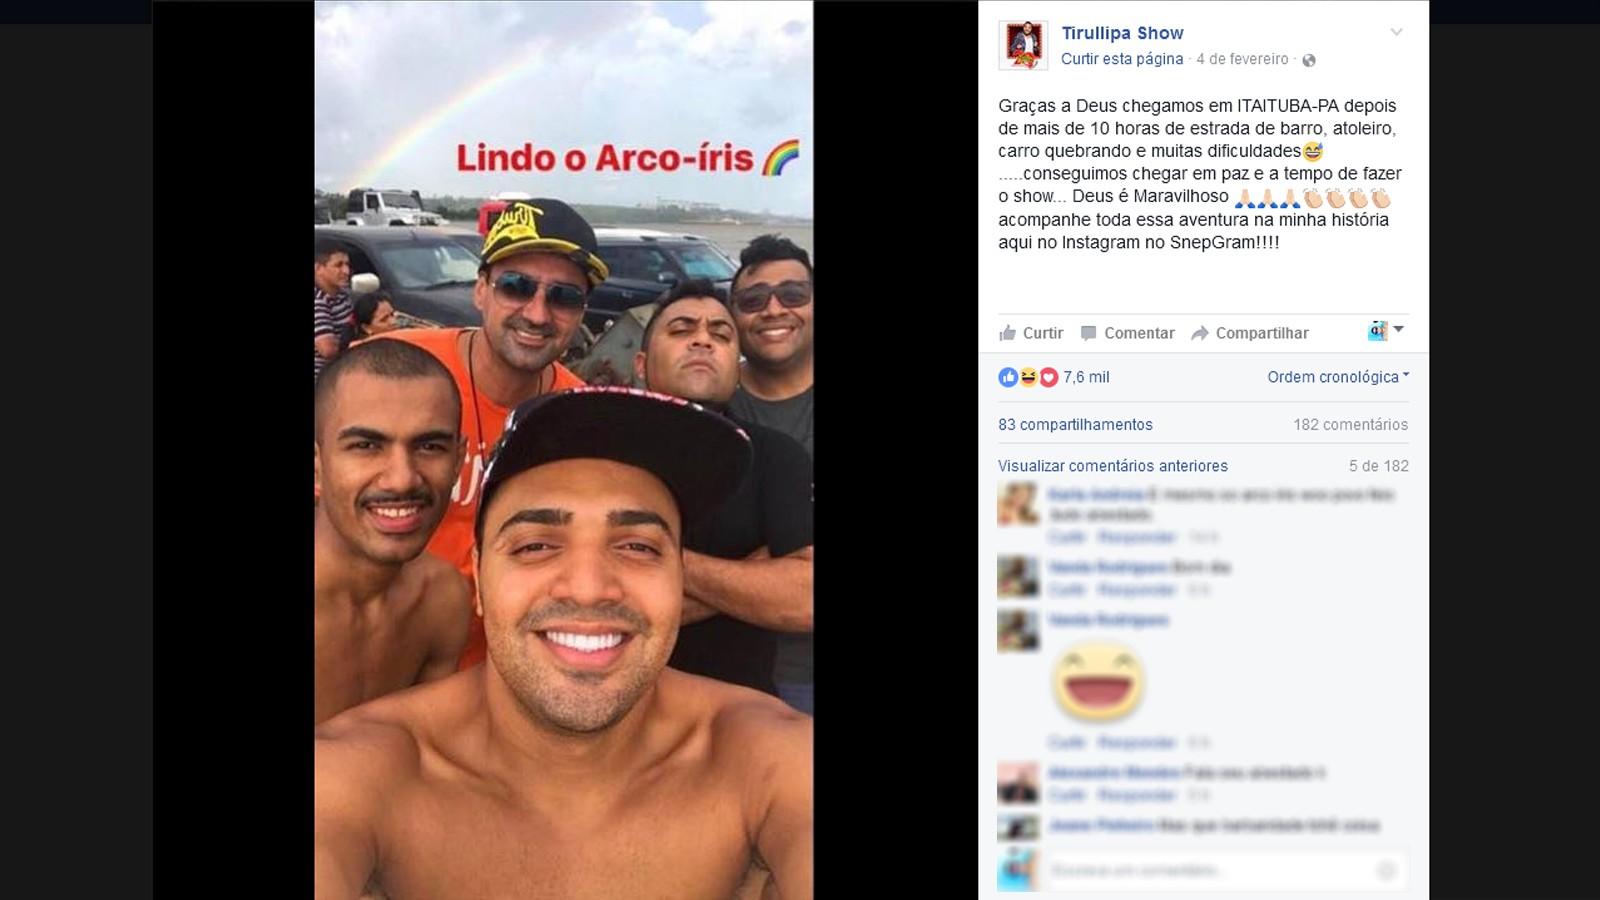 Trulipa fez fotos com a equipe depois de mais de 10h de viagem pela estrada (Foto: Reprodução/Facebook/Tirullipa Show)